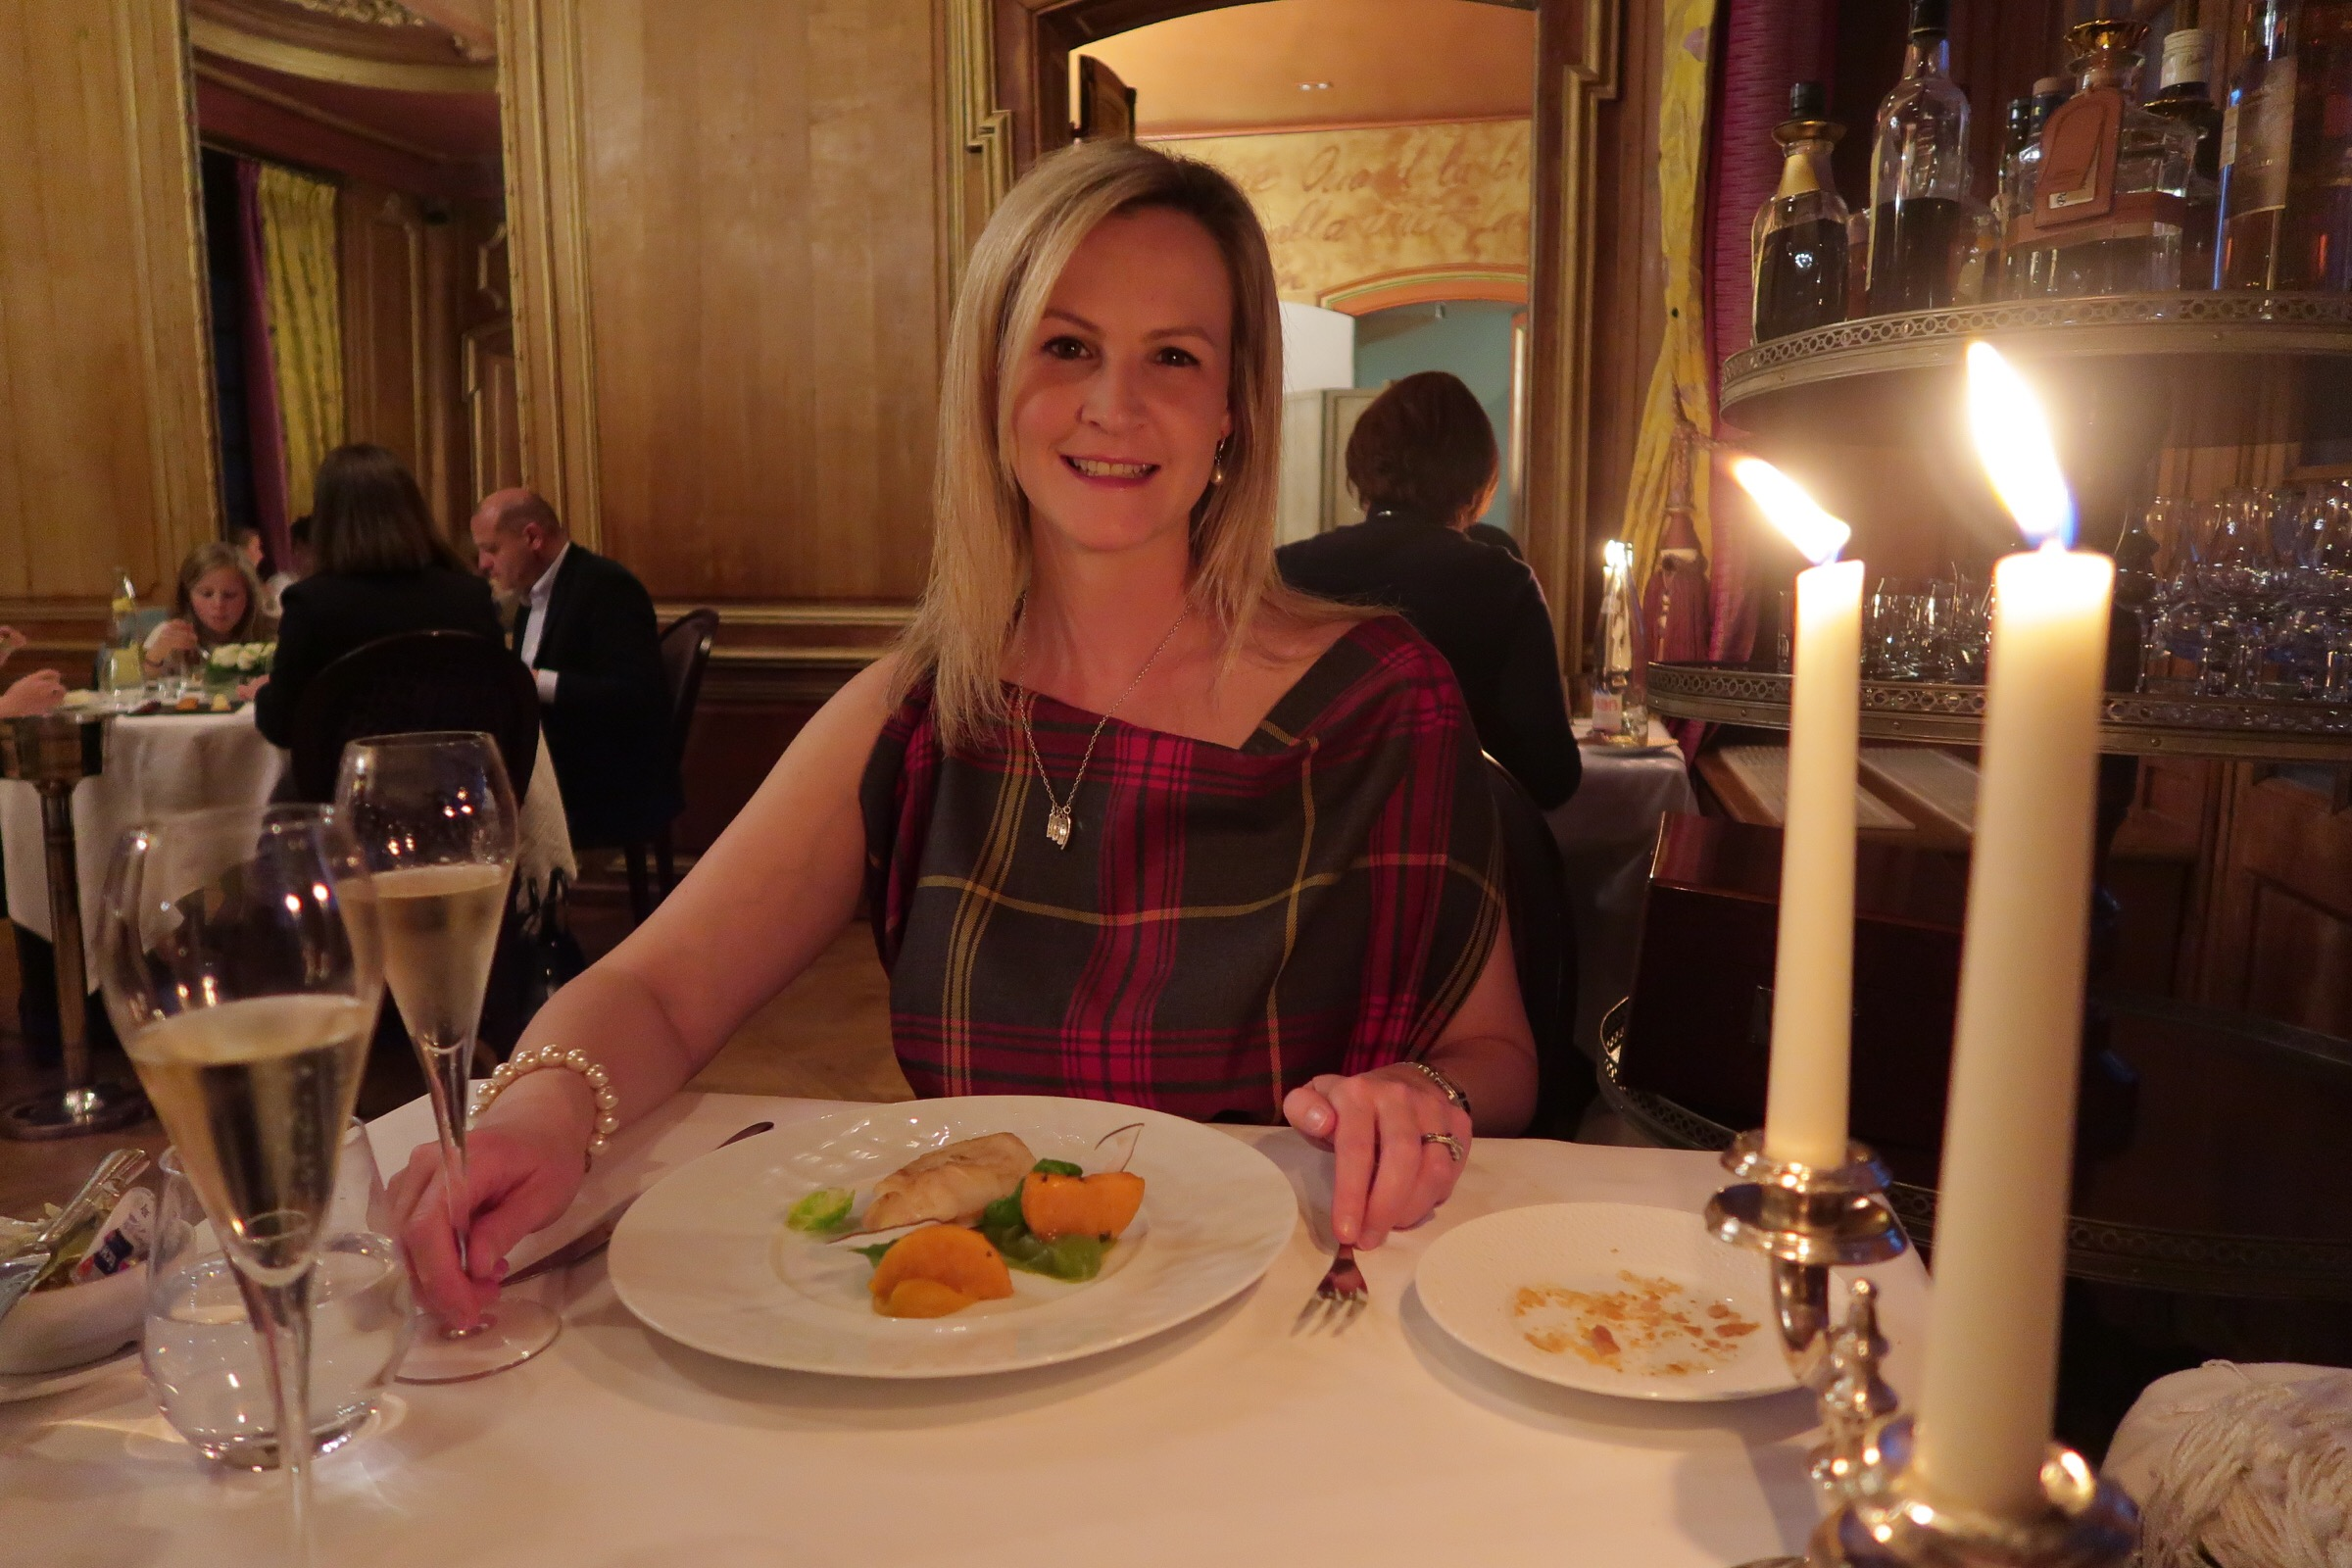 Me, at dinner, thoroughly enjoying myself!